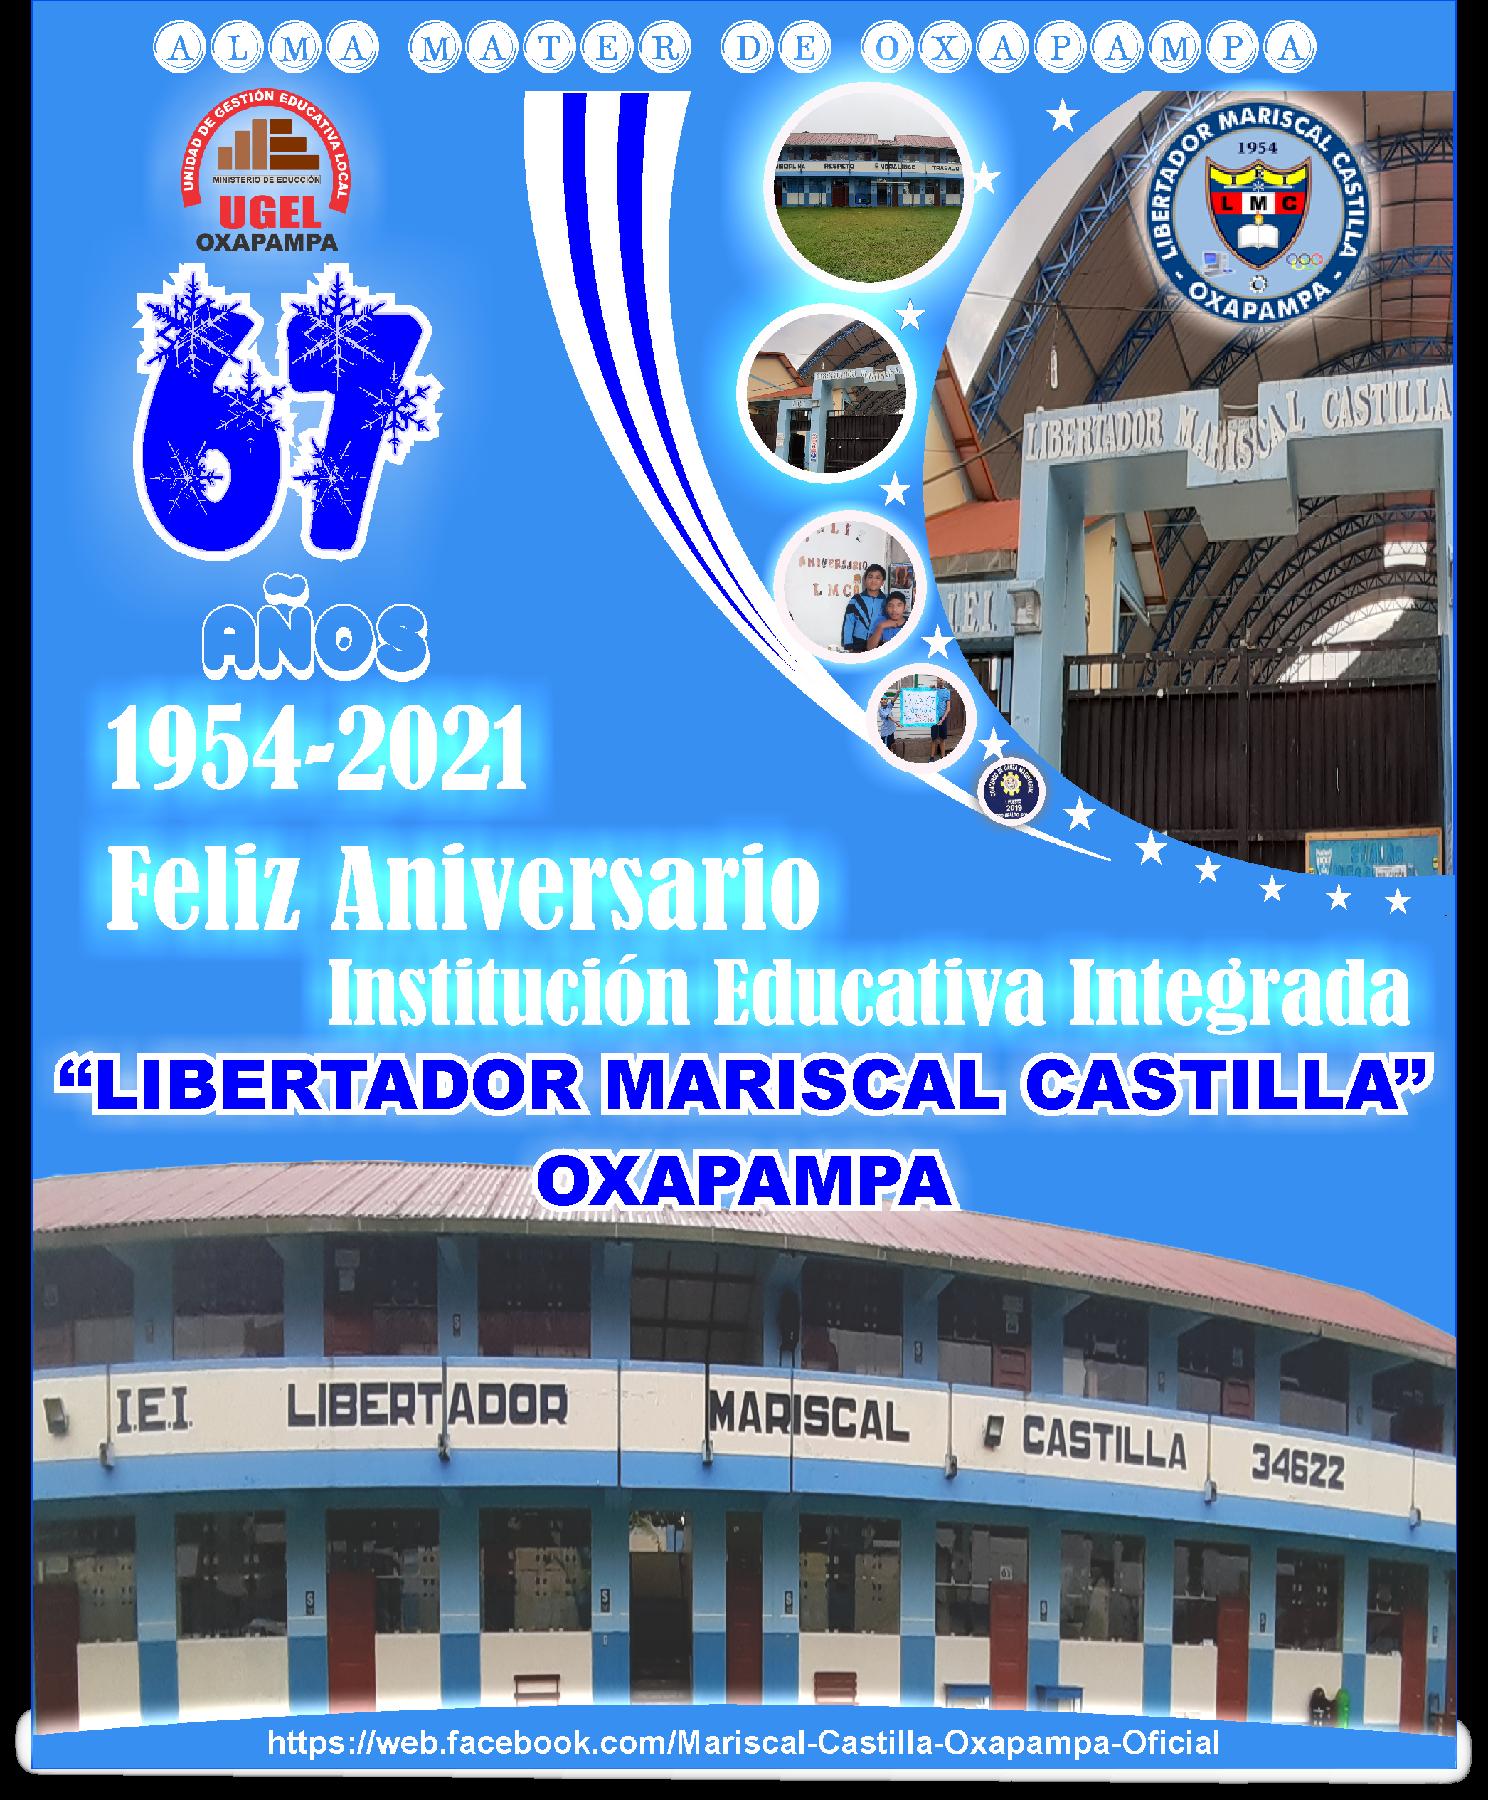 Celebración por el sexagésimo séptimo Aniversario de la IEI. Libertador Mariscal Castilla.